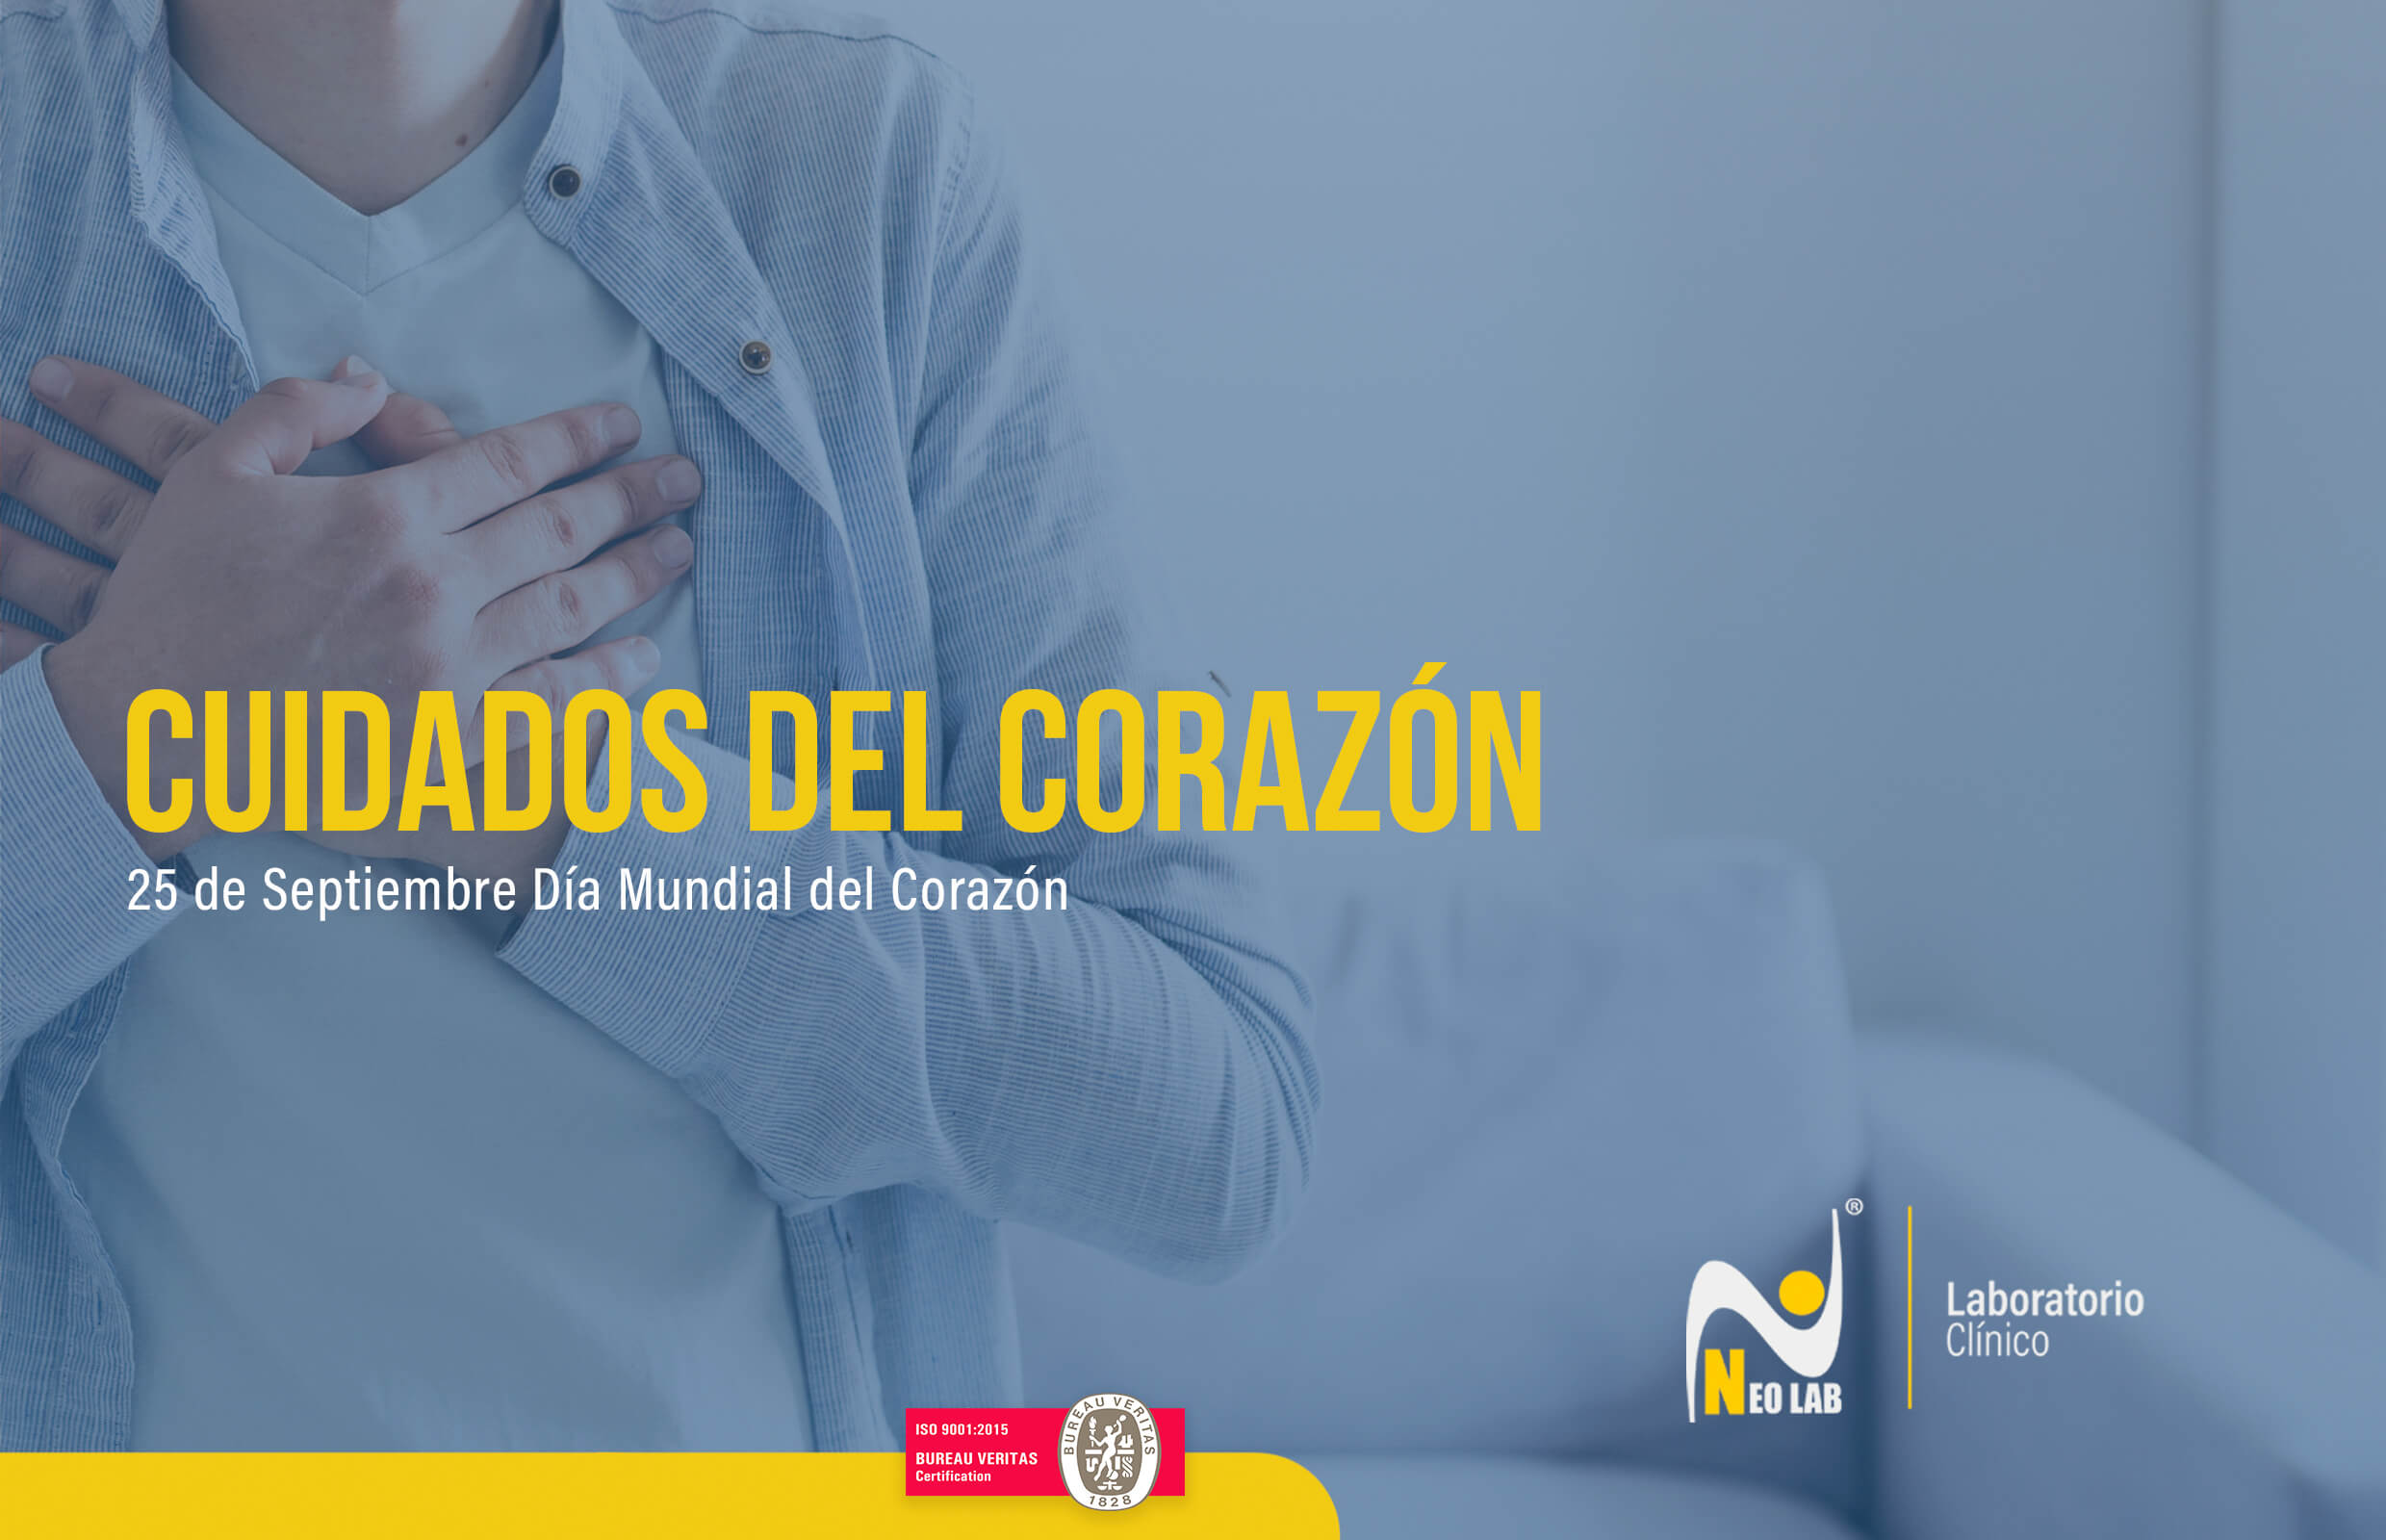 Neolab-laboratorio_clínico_corazón_cuidados